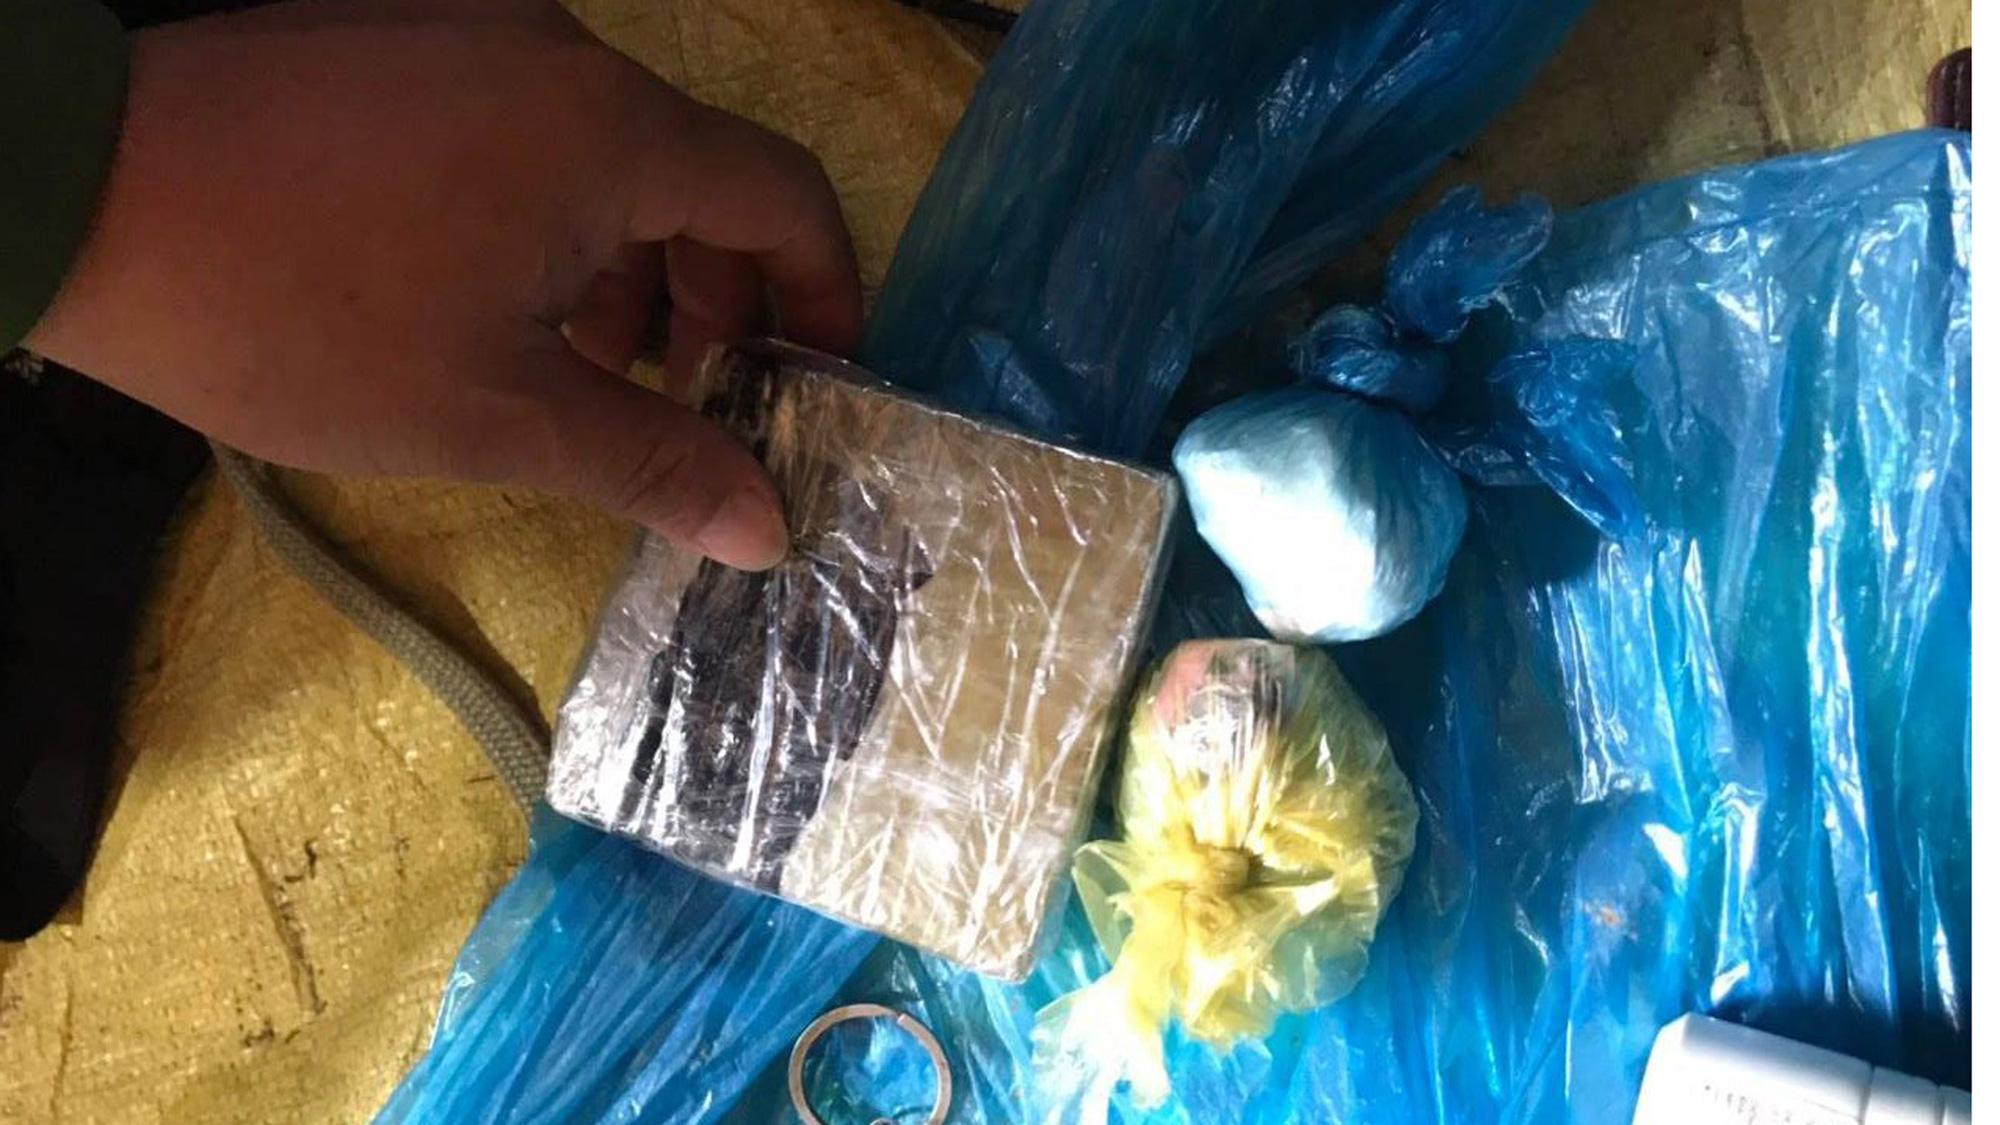 Đắk Nông: Bắt đôi nam nữ mua bán trái phép chất ma túy - Ảnh 1.